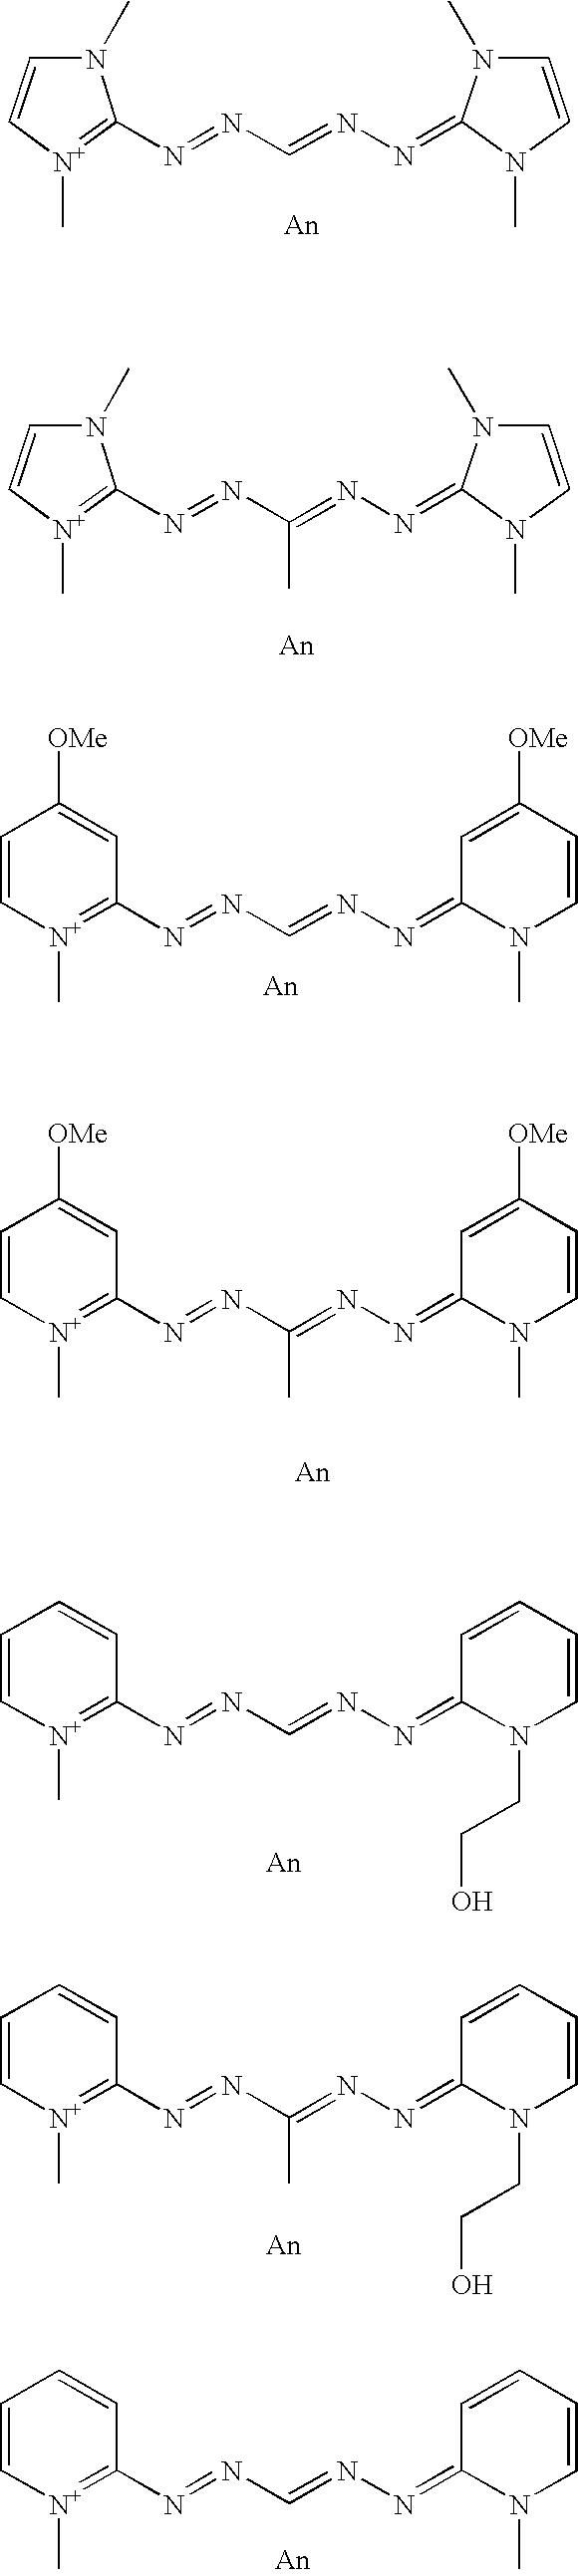 Figure US07288639-20071030-C00014